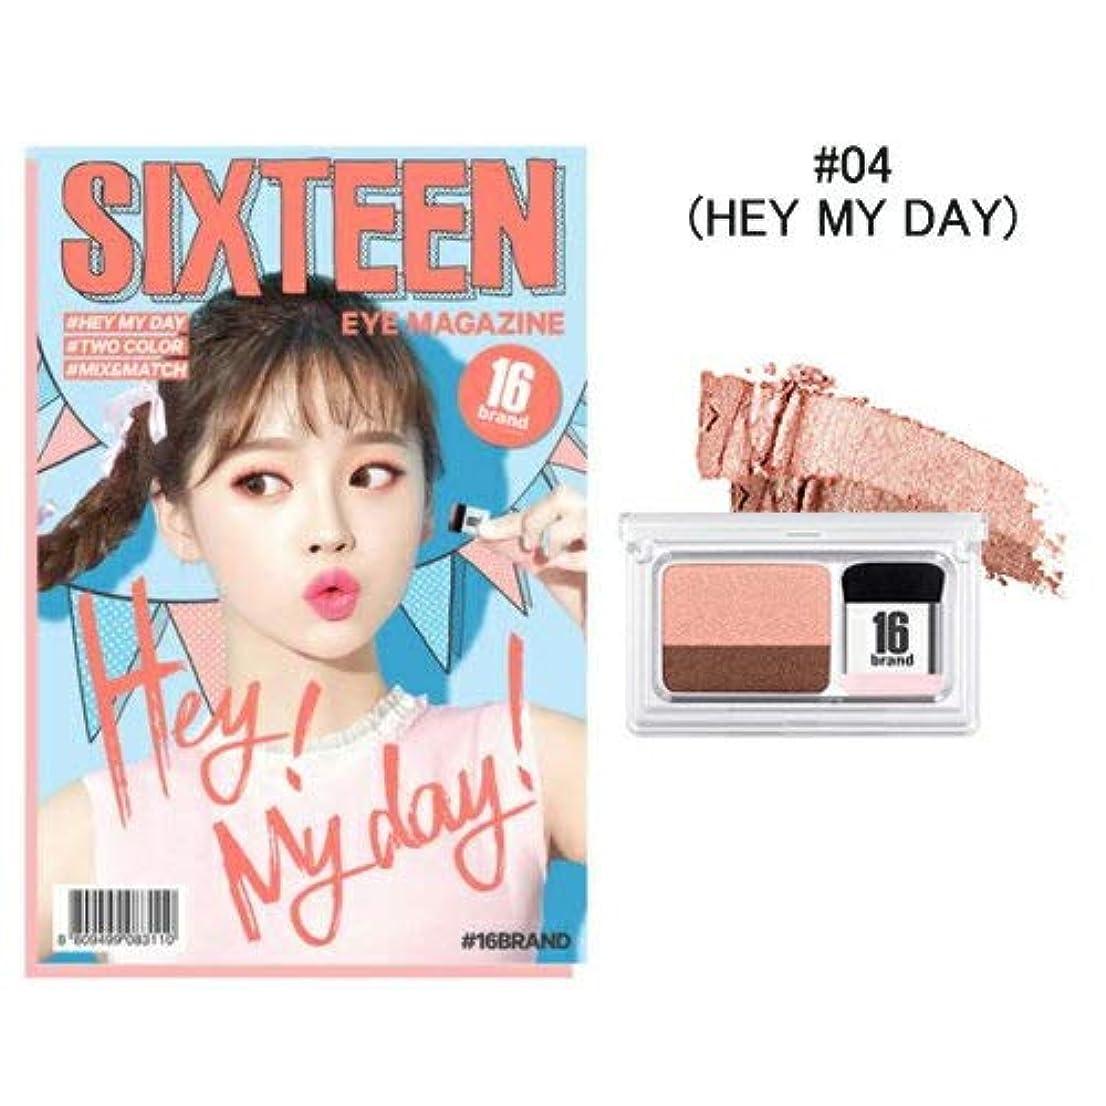 船員アベニュー評価する[New Color] 16brand Sixteen Eye Magazine 2g /16ブランド シックスティーン アイ マガジン 2g (#04 HEY MY DAY) [並行輸入品]